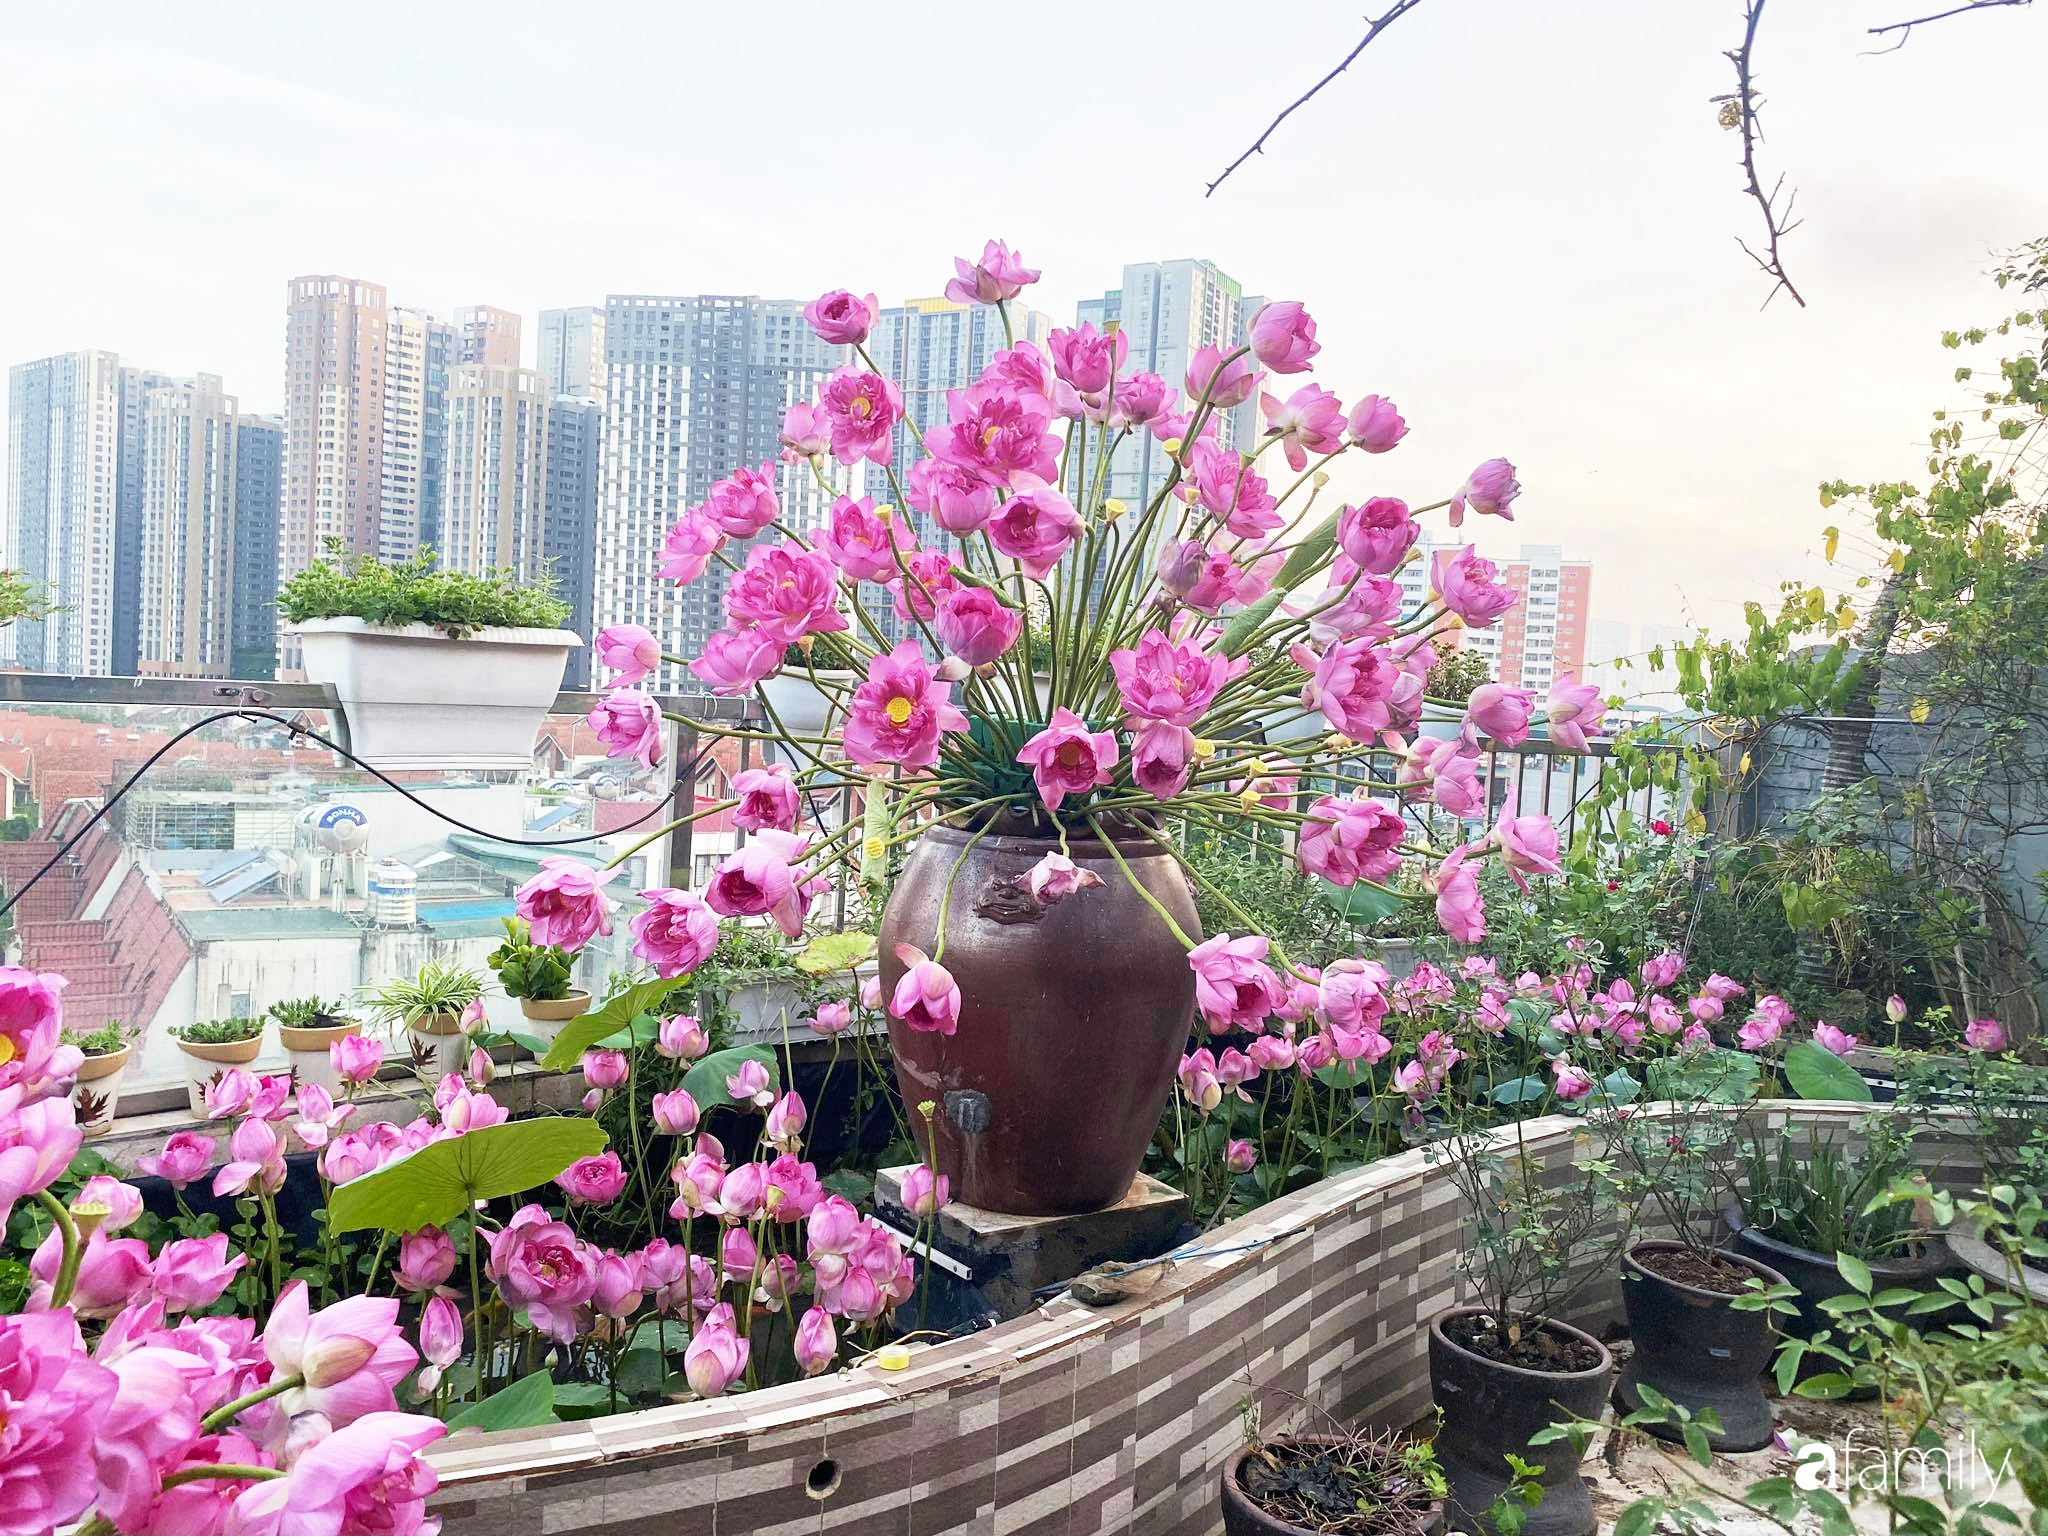 Bà mẹ Hà Nội tỉ mẩn dành 4 tiếng để tự cắm 1000 bông sen mang sắc màu mùa hạ lên sân thượng 200m² - Ảnh 8.